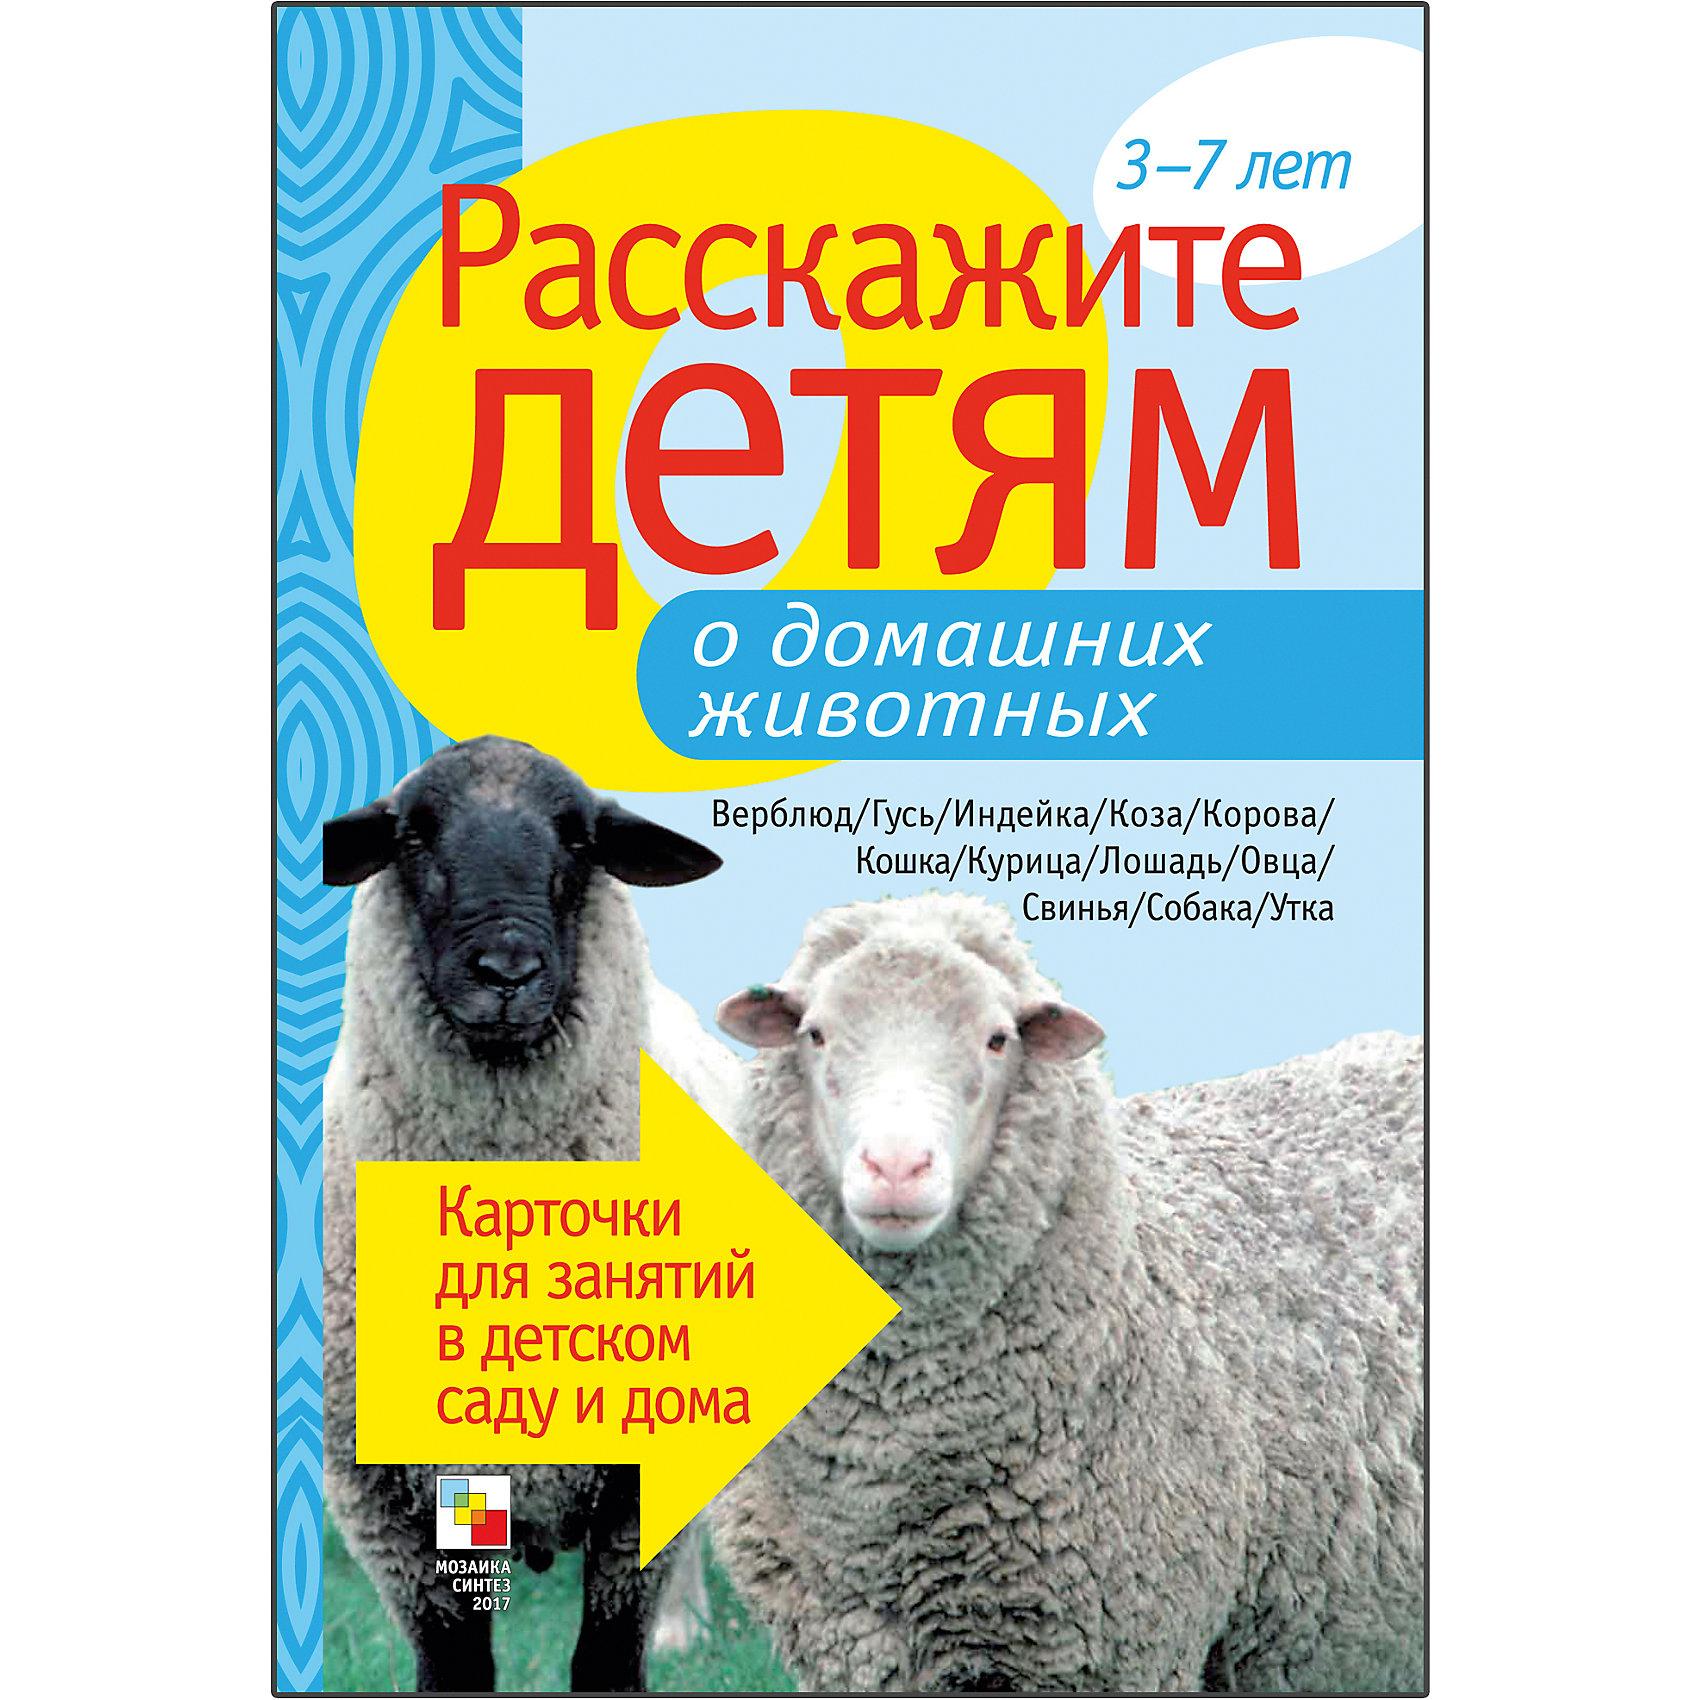 Карточки  Расскажите детям о домашних животных, Мозаика-СинтезОбучающие карточки<br>Пособие Расскажите детям о домашних животных, Мозаика-Синтез.<br><br>Характеристики:<br><br>• Издательство: МОЗАИКА-СИНТЕЗ<br>• ISBN: 9785867758110<br>• Тип: папка с карточками, обложка твердая.<br>• Возраст: от 3-7 лет.<br>• Размер книги: 210х150х5 мм.<br>• Количество страниц: 12<br><br>Пособие с яркими четкими картинками поможет Вам рассказать малышам о домашних животных. Они узнают много нового и интересного о кошках, лошадях, верблюдах, утках, собаках и о многих других. <br><br>На оборотной стороне карточек содержатся необходимые сведения, стихи, поговорки и загадки о них. Эта информация поможет сделать ваш рассказ увлекательным и познавательным для каждого малыша.<br><br>Пособие Расскажите детям о домашних животных, Мозаика-Синтез, можно купить в нашем интернет – магазине.<br><br>Ширина мм: 5<br>Глубина мм: 150<br>Высота мм: 210<br>Вес г: 114<br>Возраст от месяцев: 36<br>Возраст до месяцев: 84<br>Пол: Унисекс<br>Возраст: Детский<br>SKU: 5428911